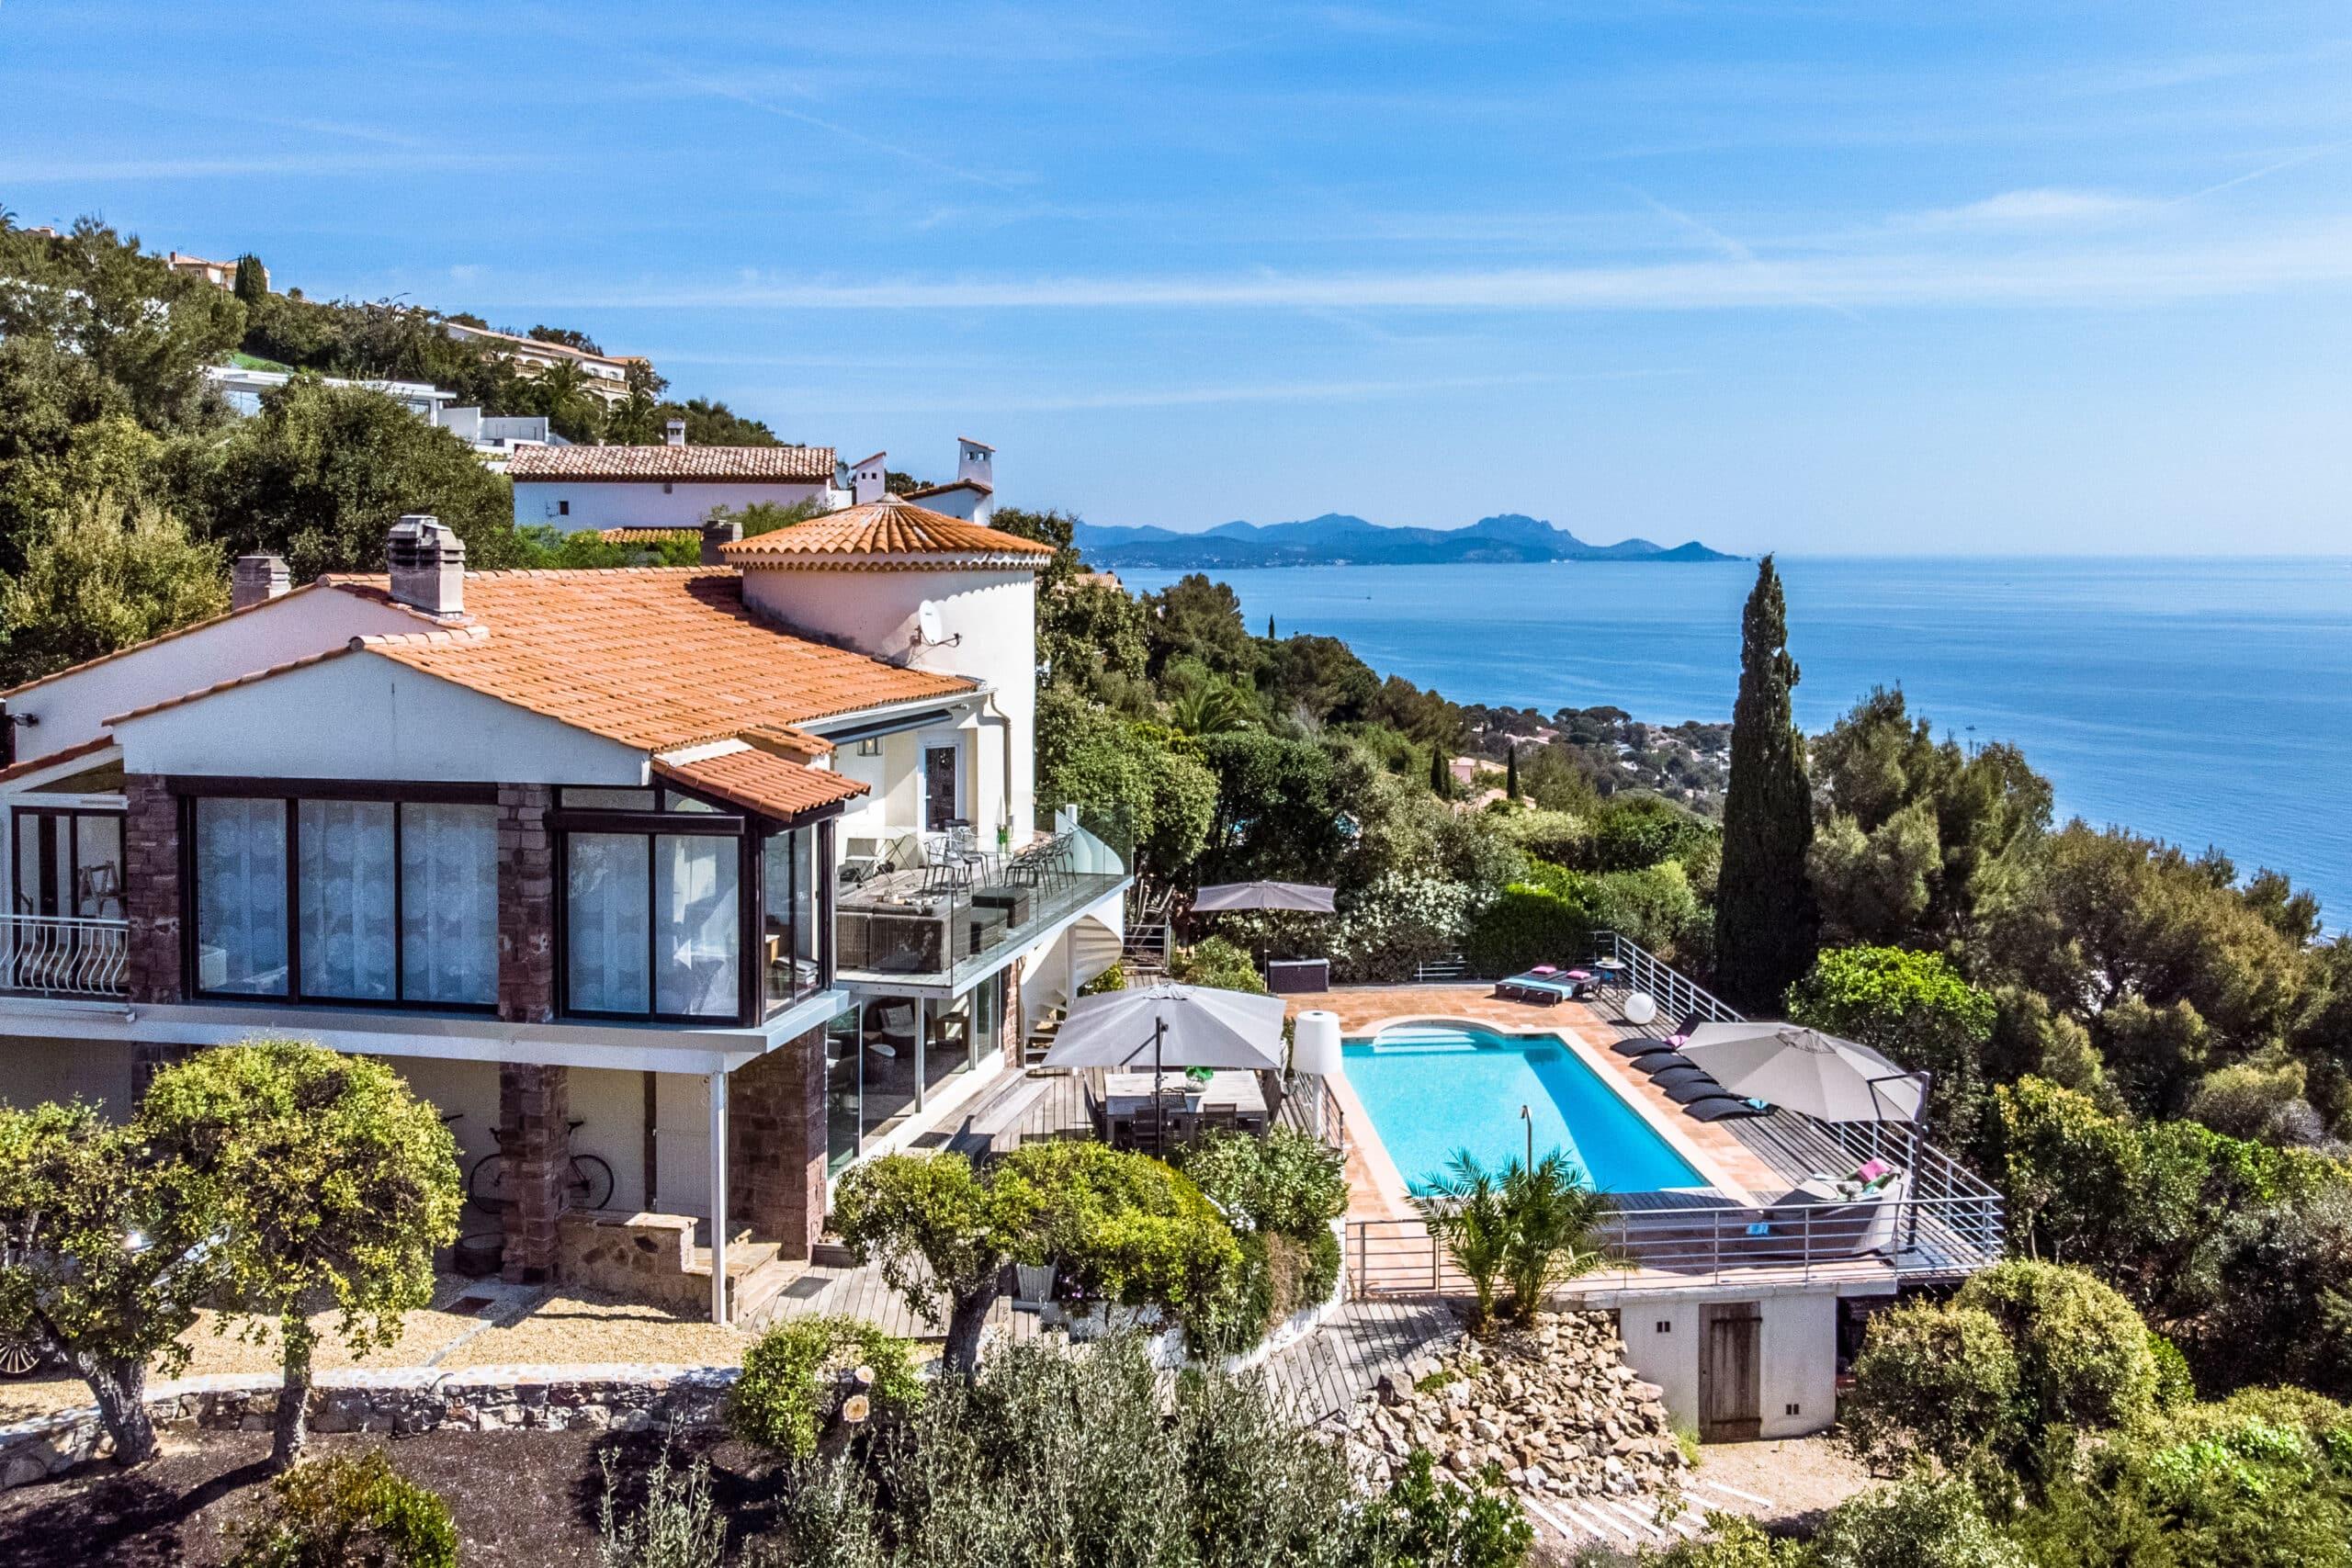 espritdusud - villa met zwembad en zeezicht - Les Issambres